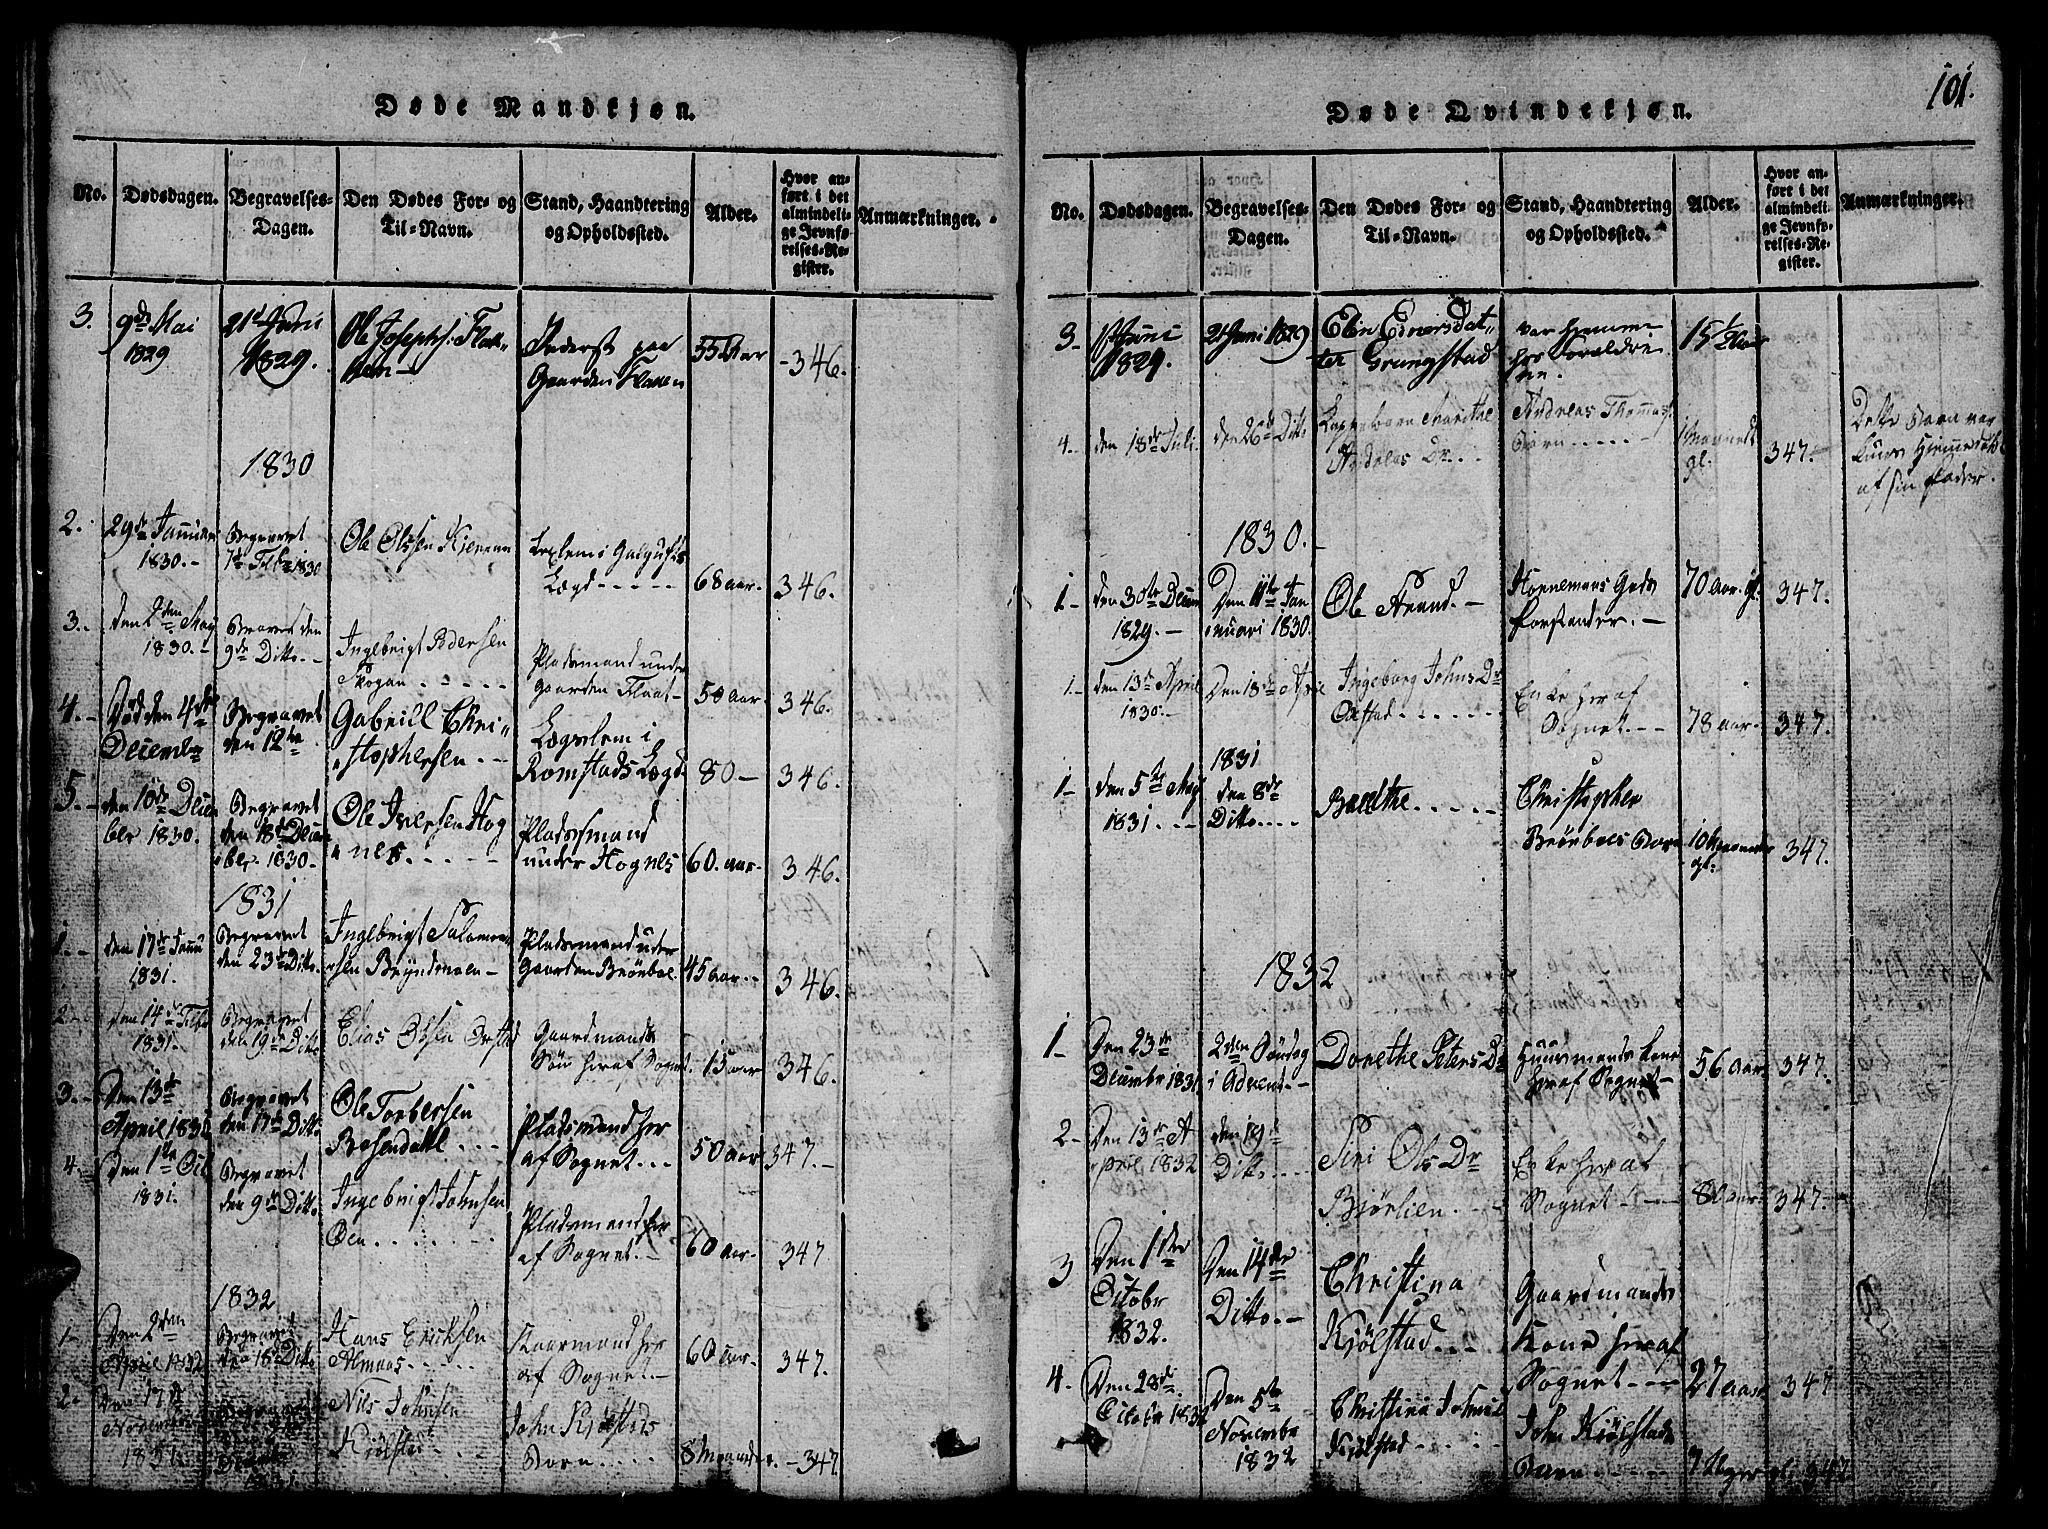 SAT, Ministerialprotokoller, klokkerbøker og fødselsregistre - Nord-Trøndelag, 765/L0562: Klokkerbok nr. 765C01, 1817-1851, s. 101